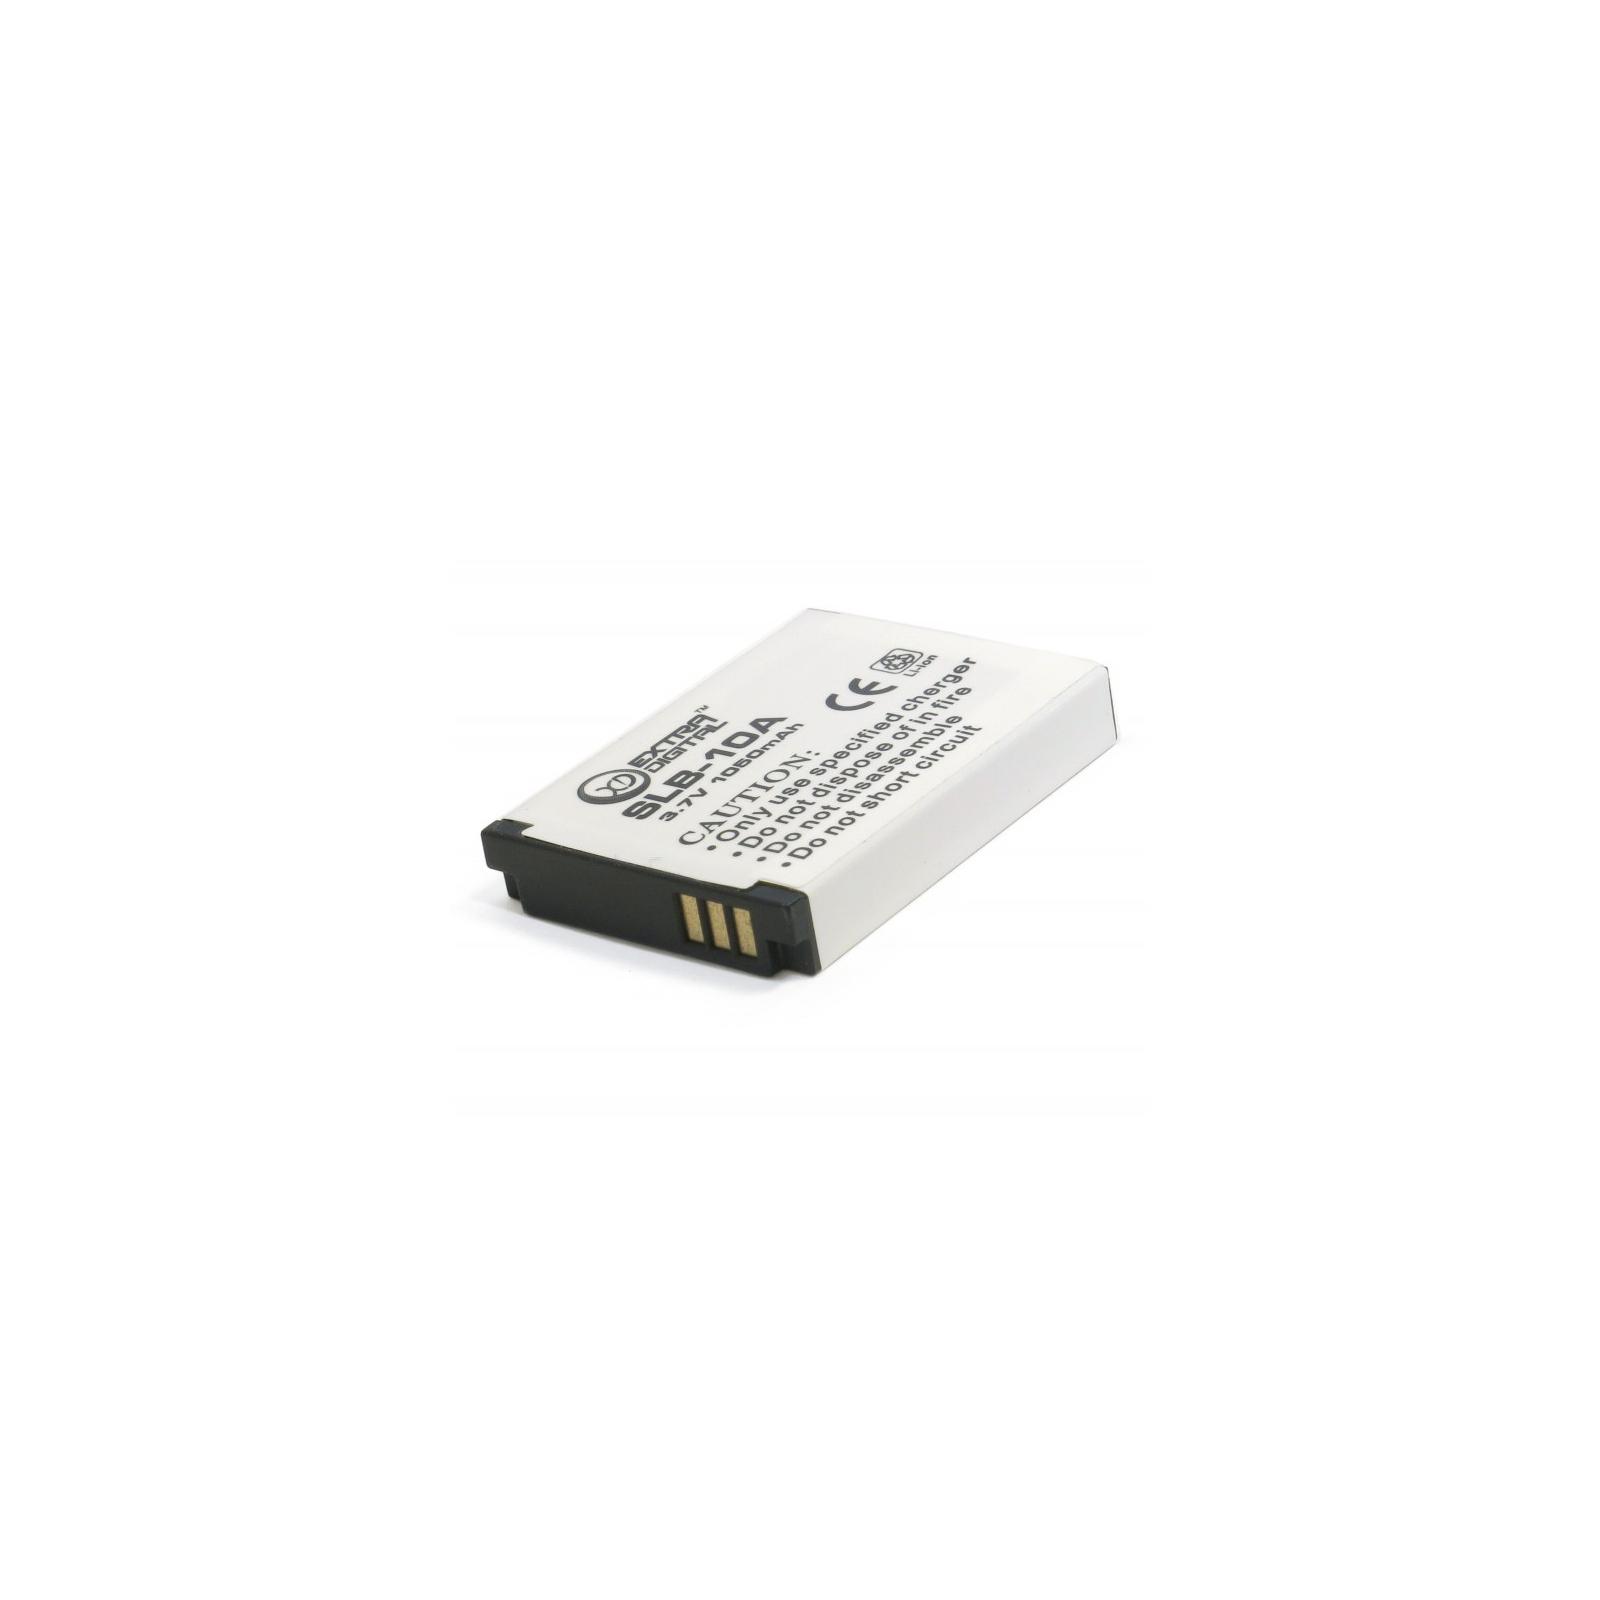 Аккумулятор к фото/видео EXTRADIGITAL Samsung SLB-10A (BDS2633) изображение 4